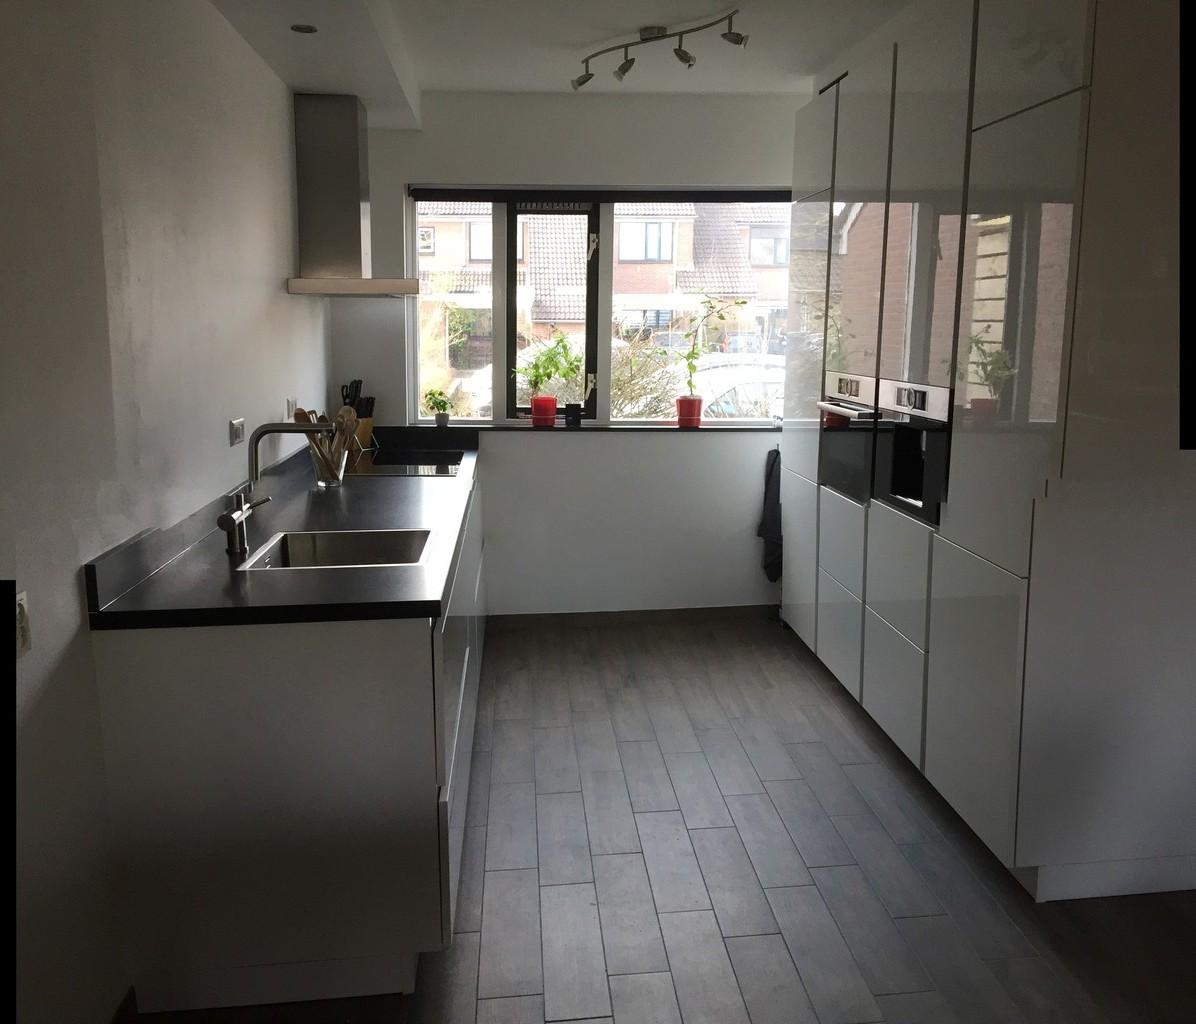 keuken tegels den bosch : Verwoert Keukens En Sanitair Opheusden Keukens Badkamers